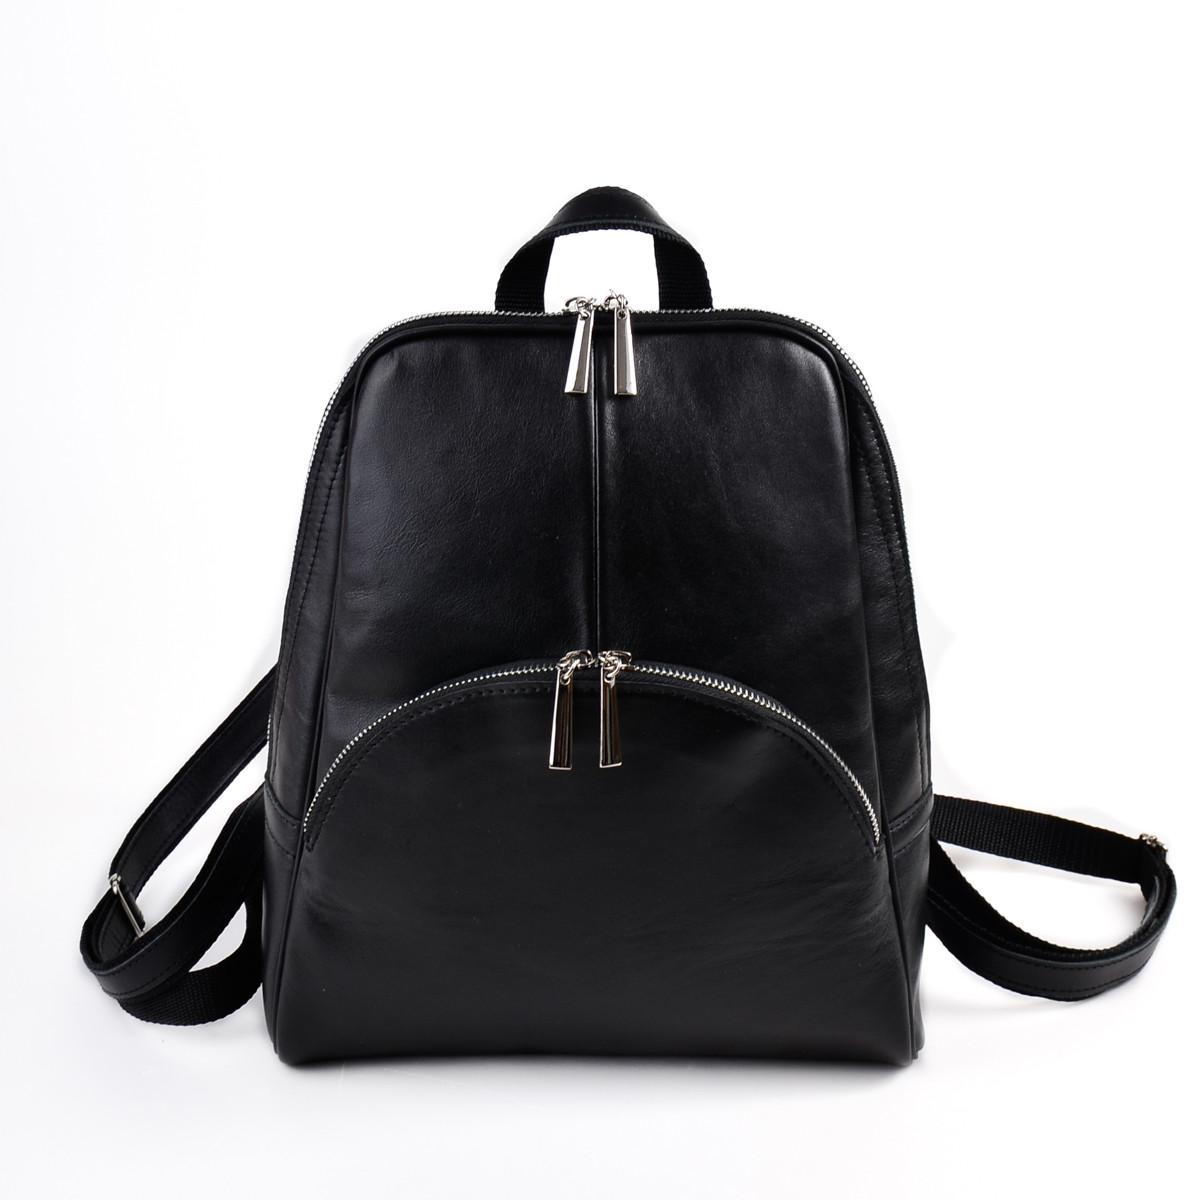 Женский кожаный рюкзак Камелия М135, фото 1